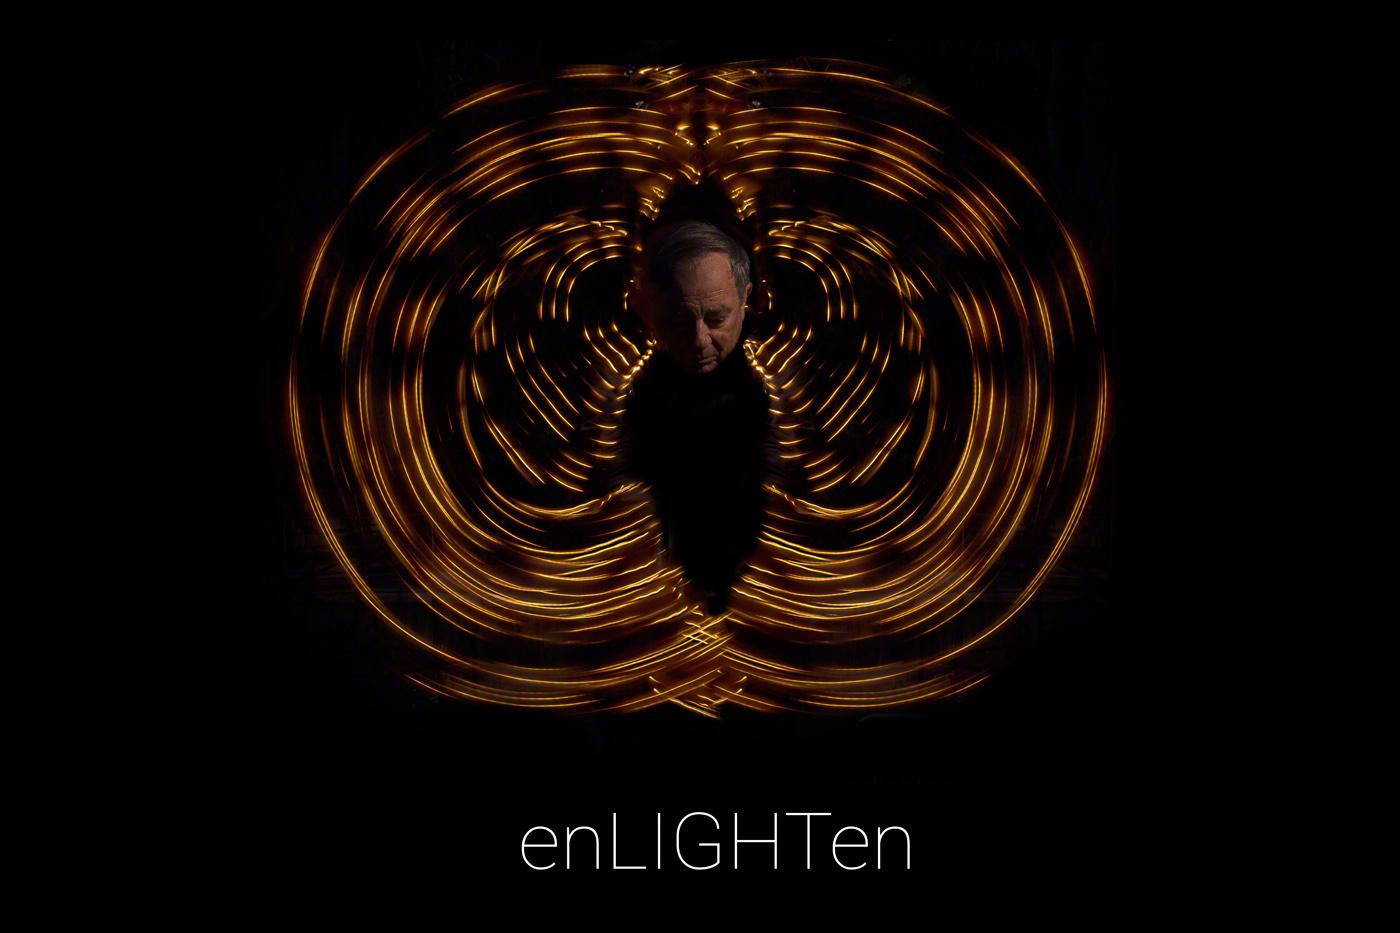 enLIGHTen-logo.jpg